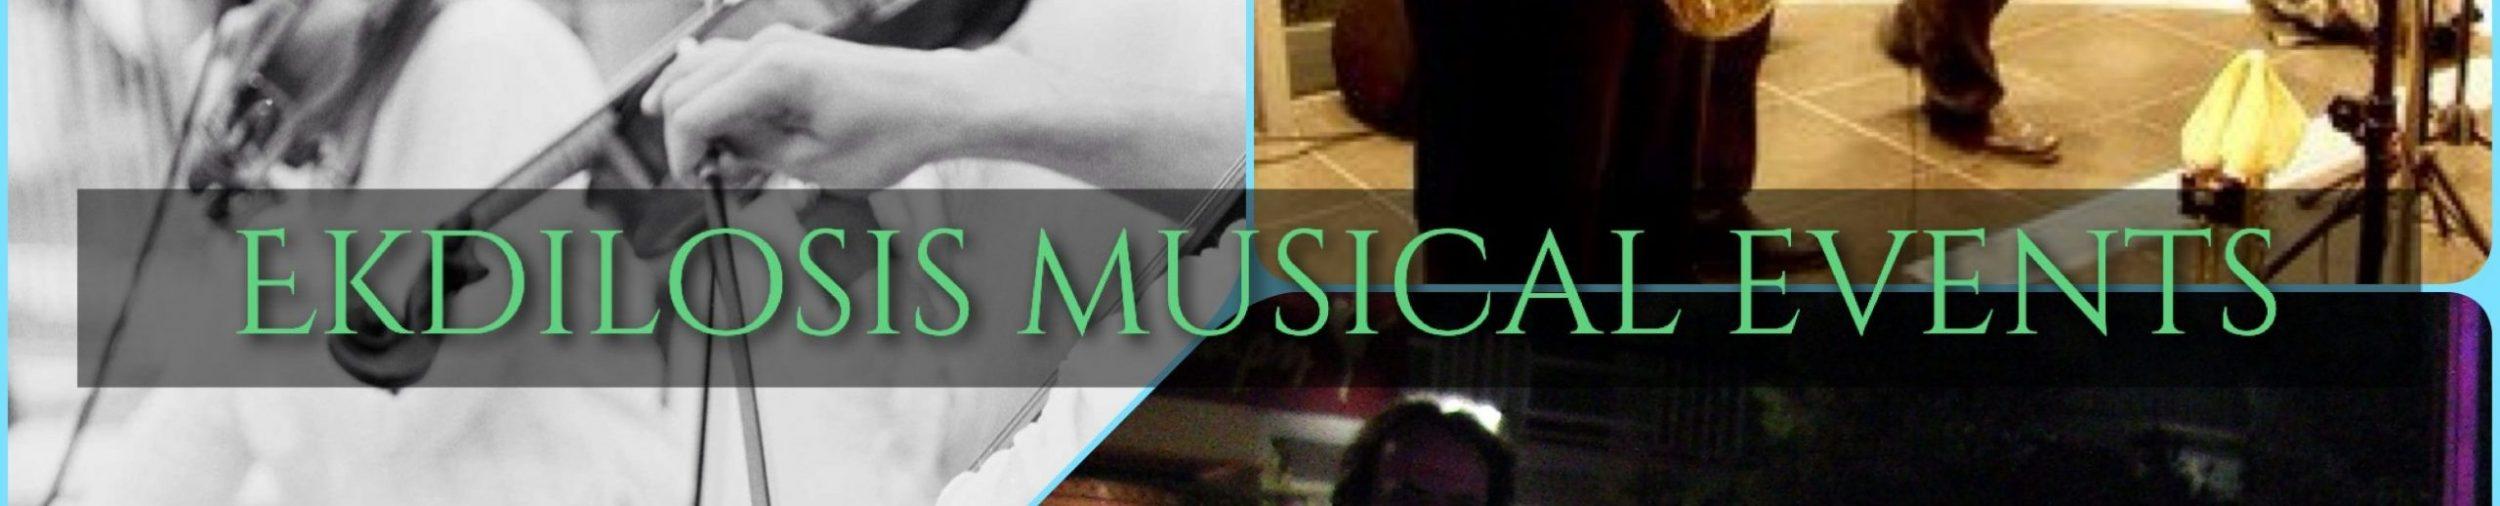 μουσικά σύνολα Ekdilosis event production